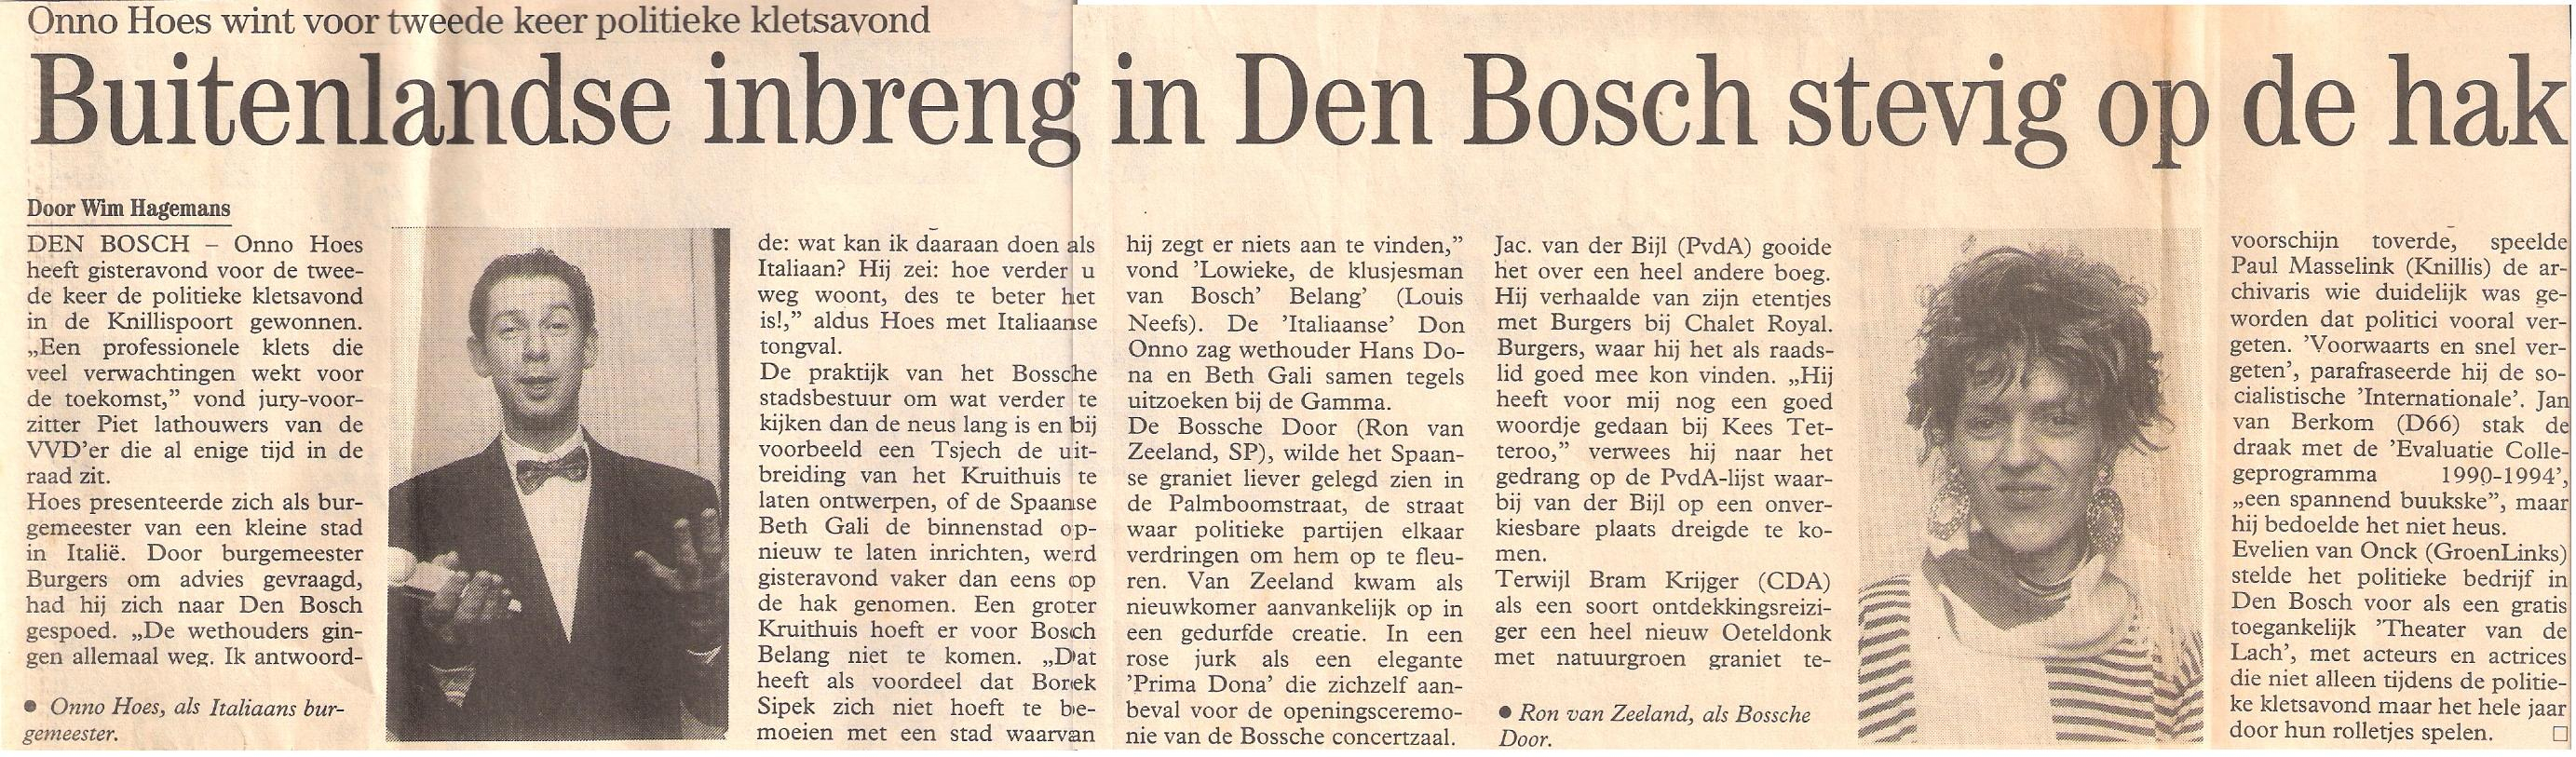 19940200_bd_politieke_klets